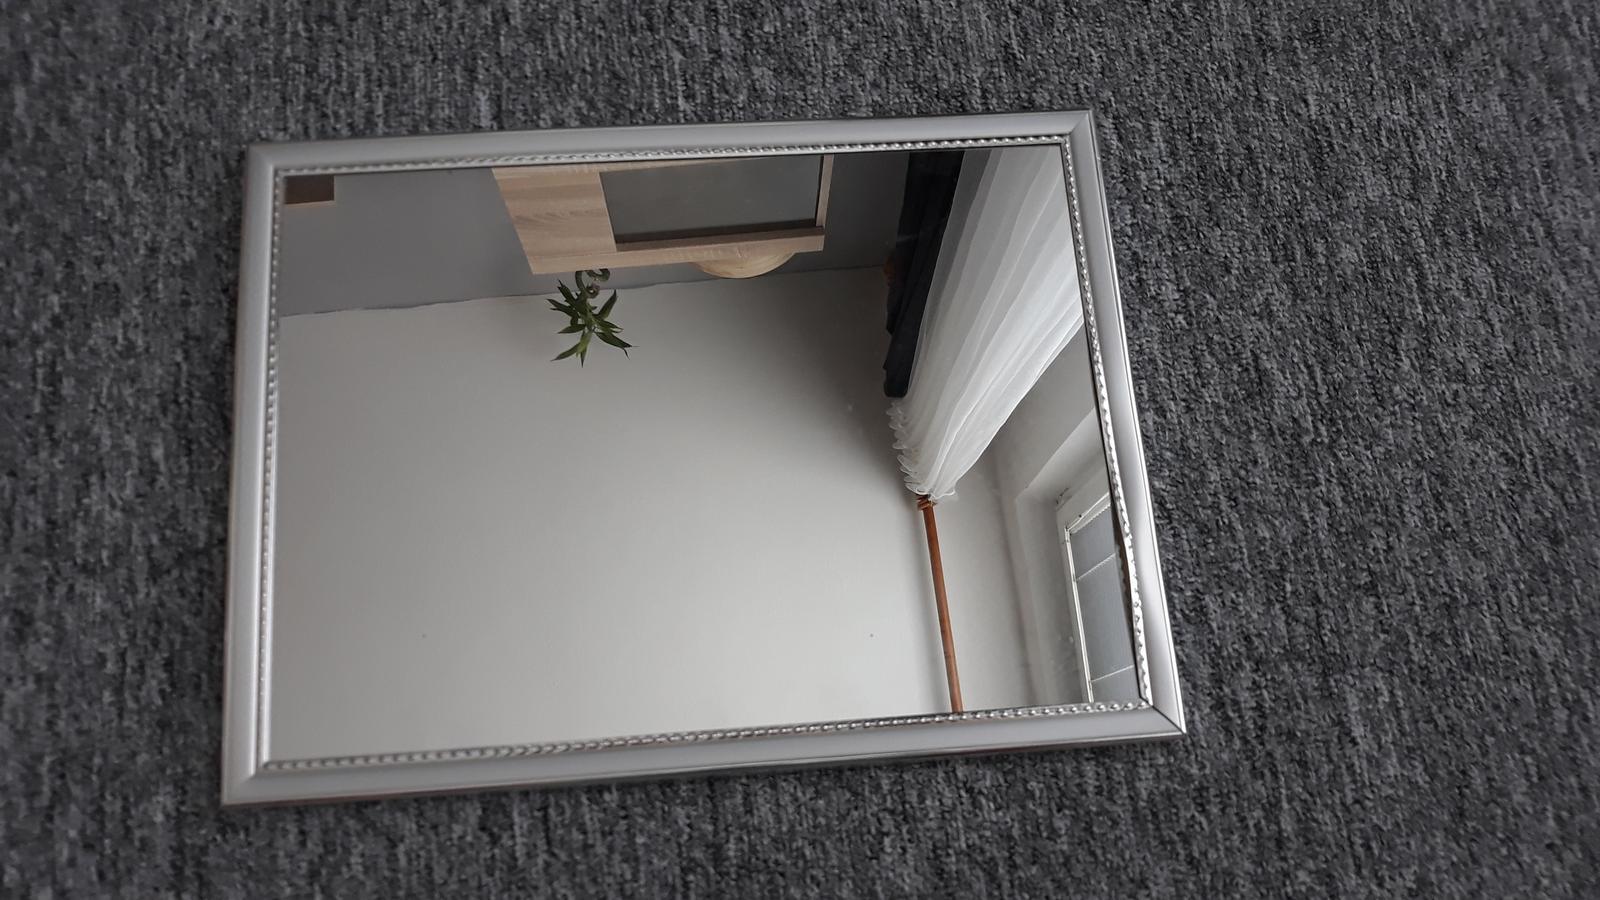 zrcadlo - Obrázek č. 1